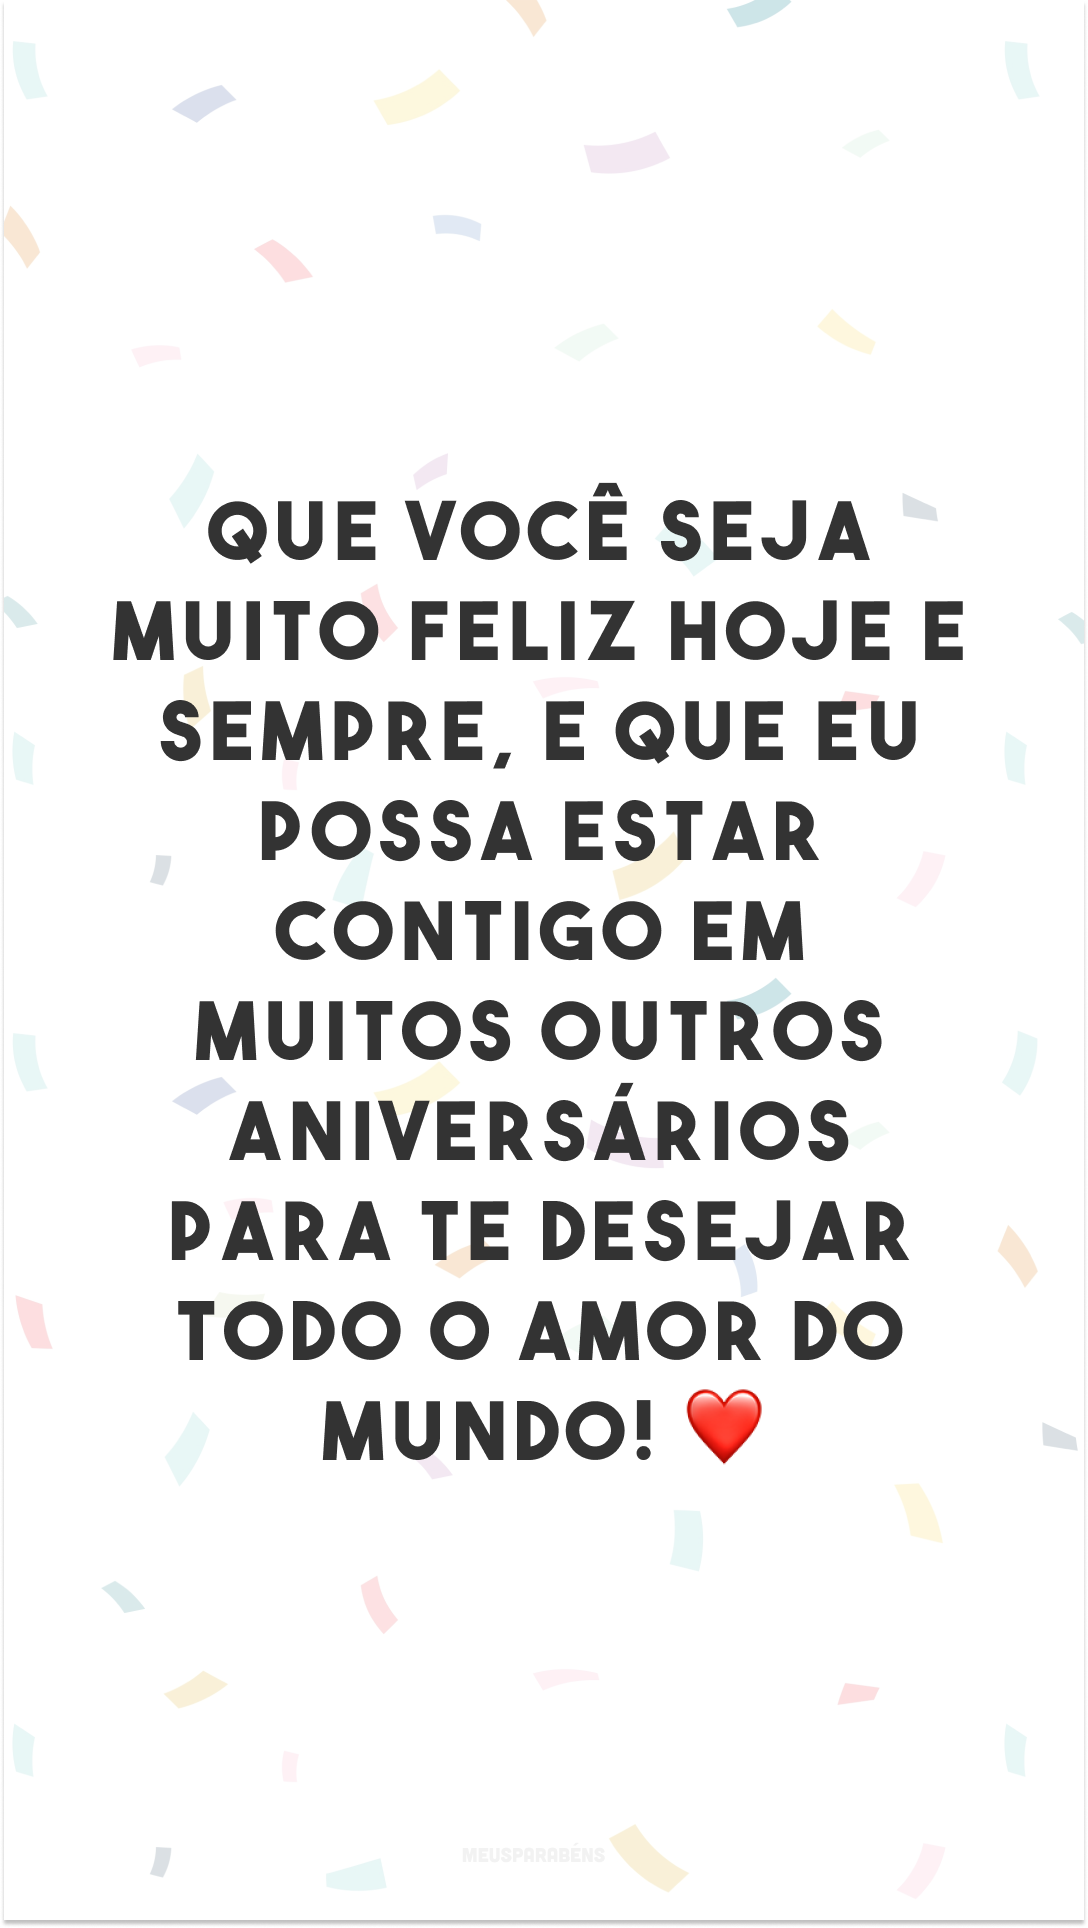 Que você seja muito feliz hoje e sempre, e que eu possa estar contigo em muitos outros aniversários para te desejar todo o amor do mundo! ❤